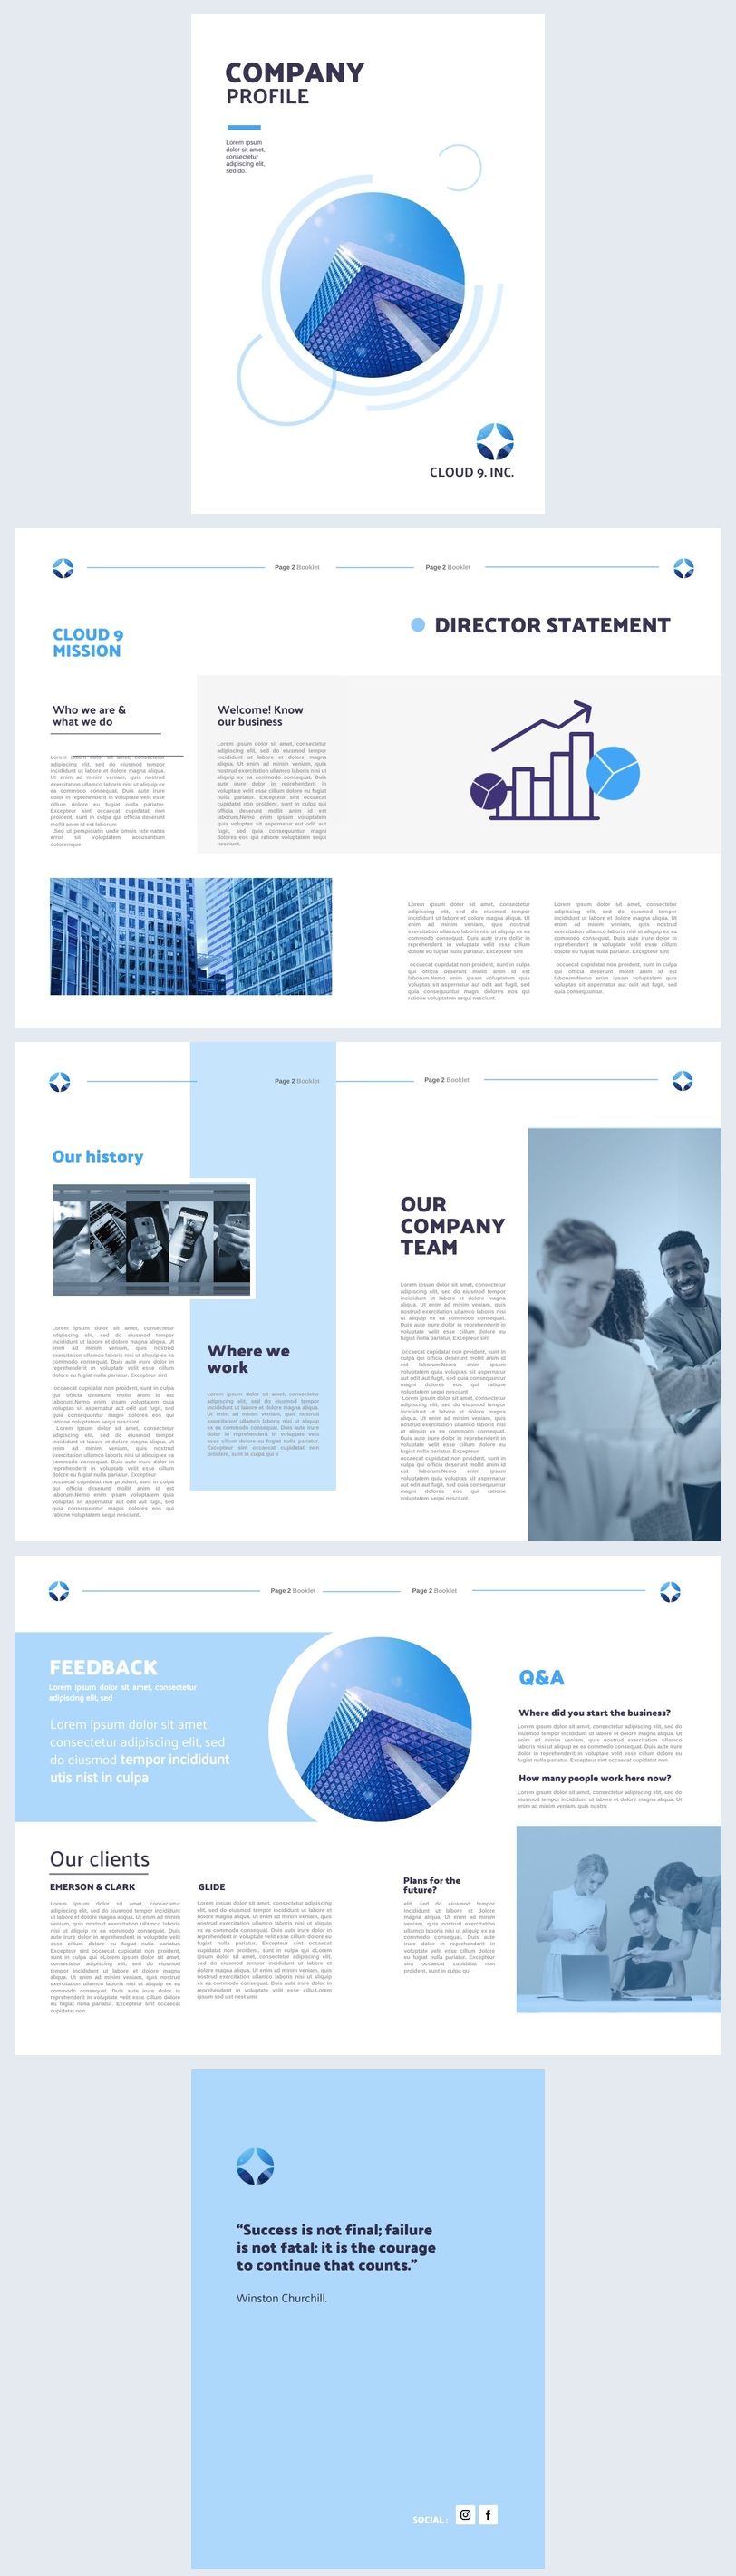 Beispiel-Design einer Unternehmensbroschüre